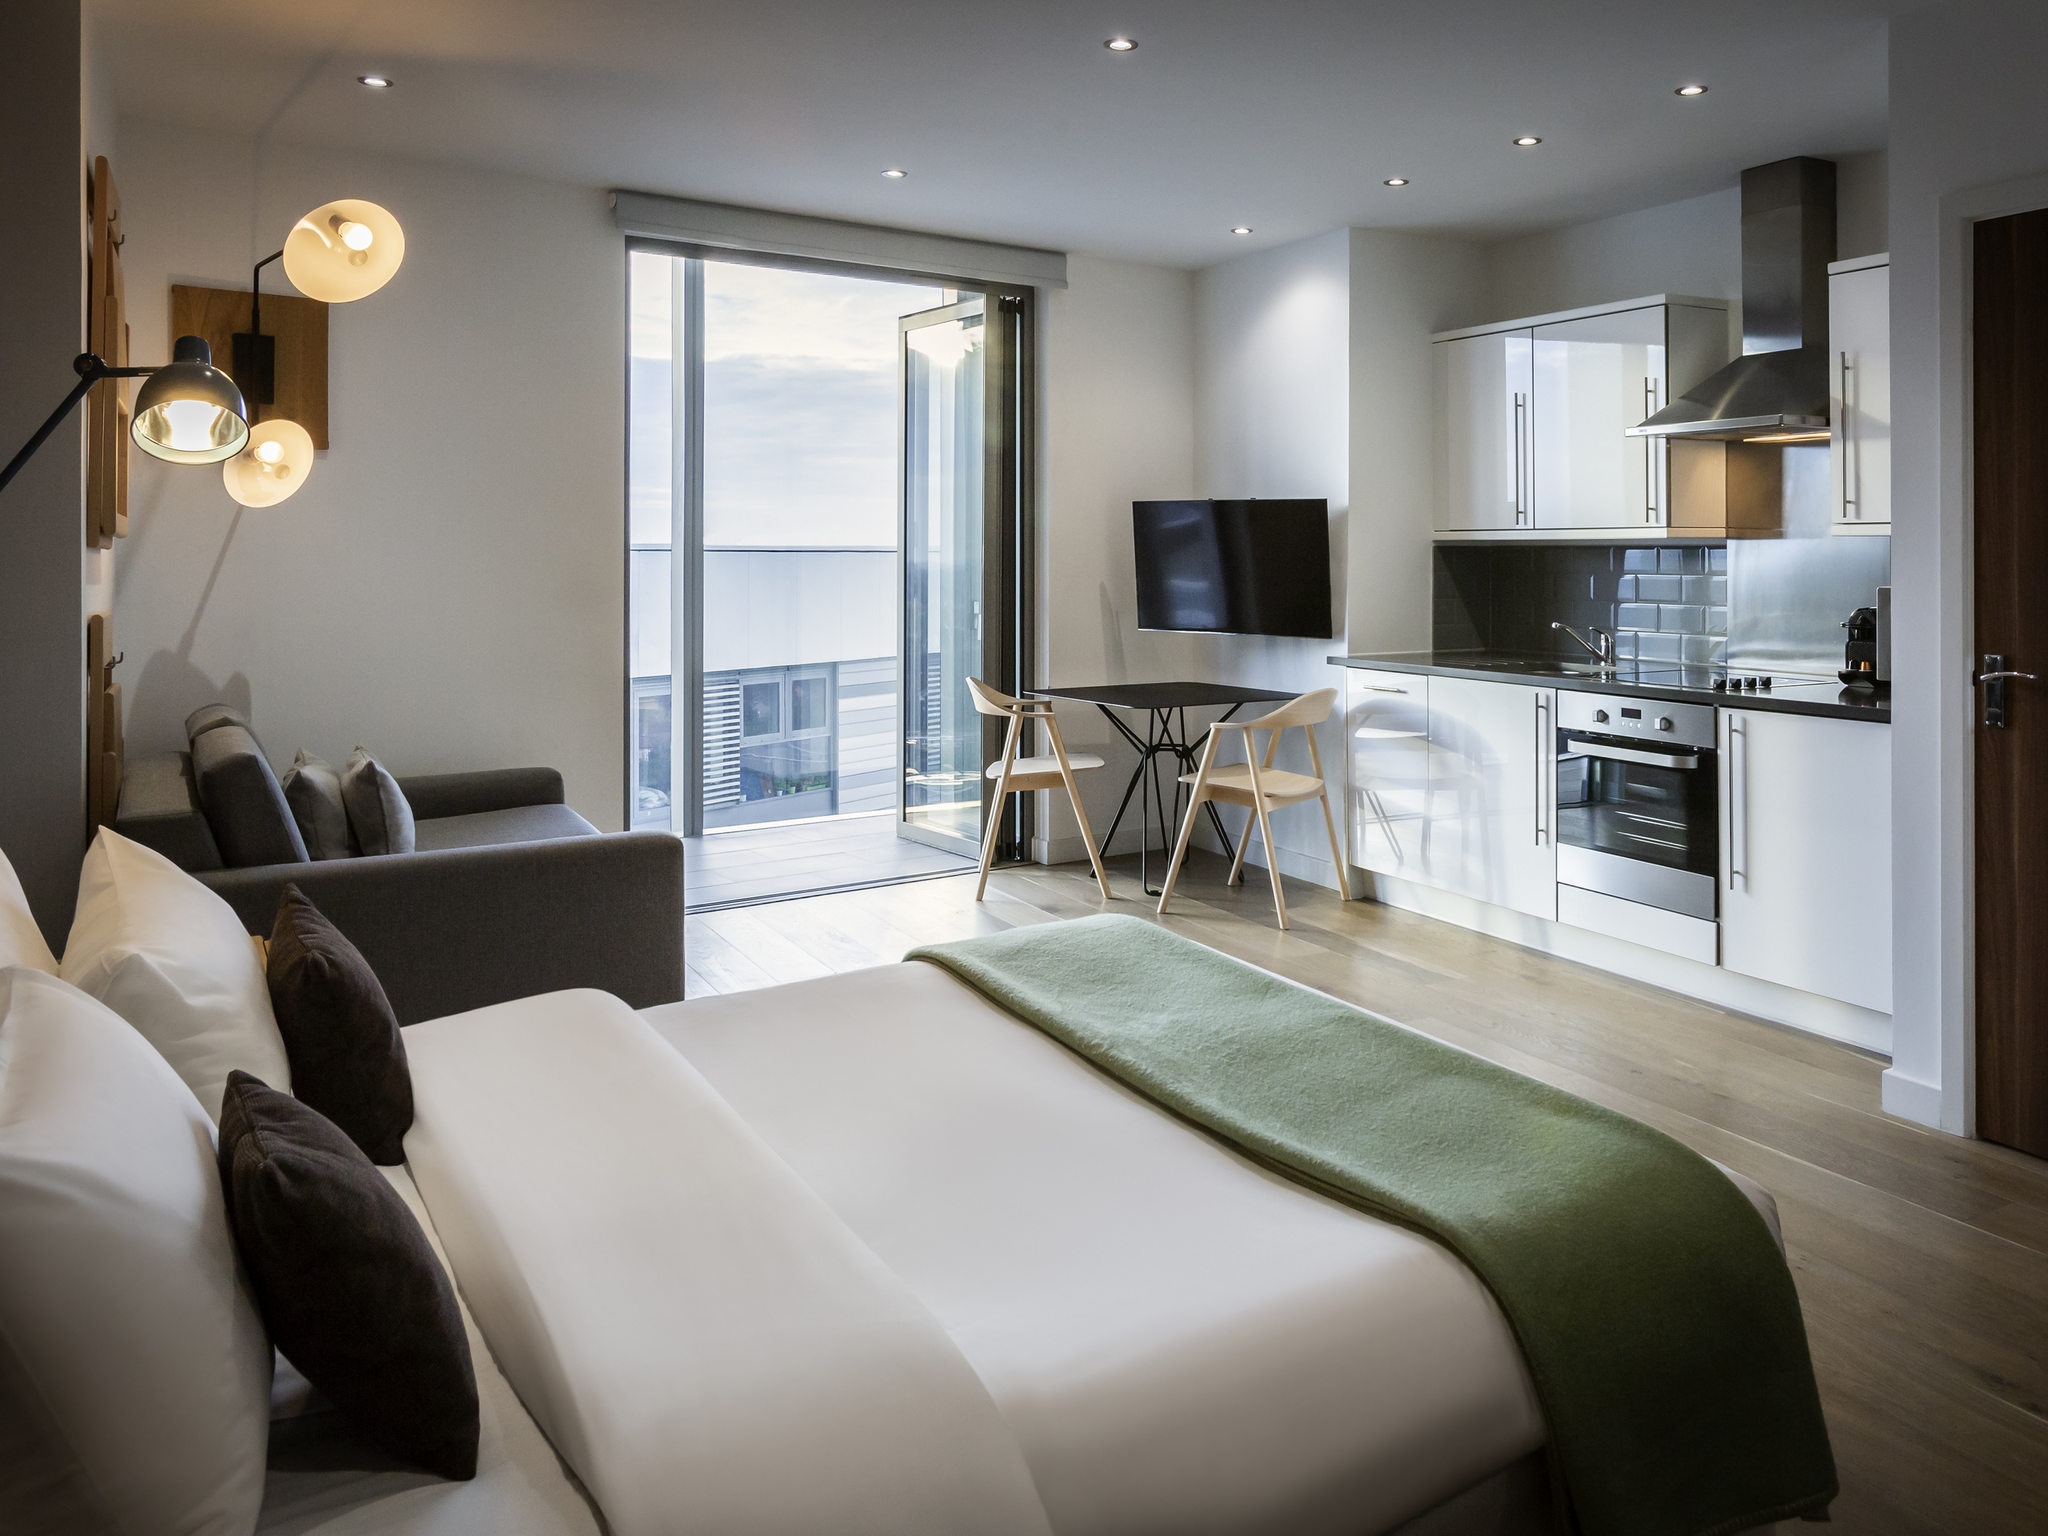 Hotel – Aparthotel Adagio London Brentford (otwarcie w październiku br.)